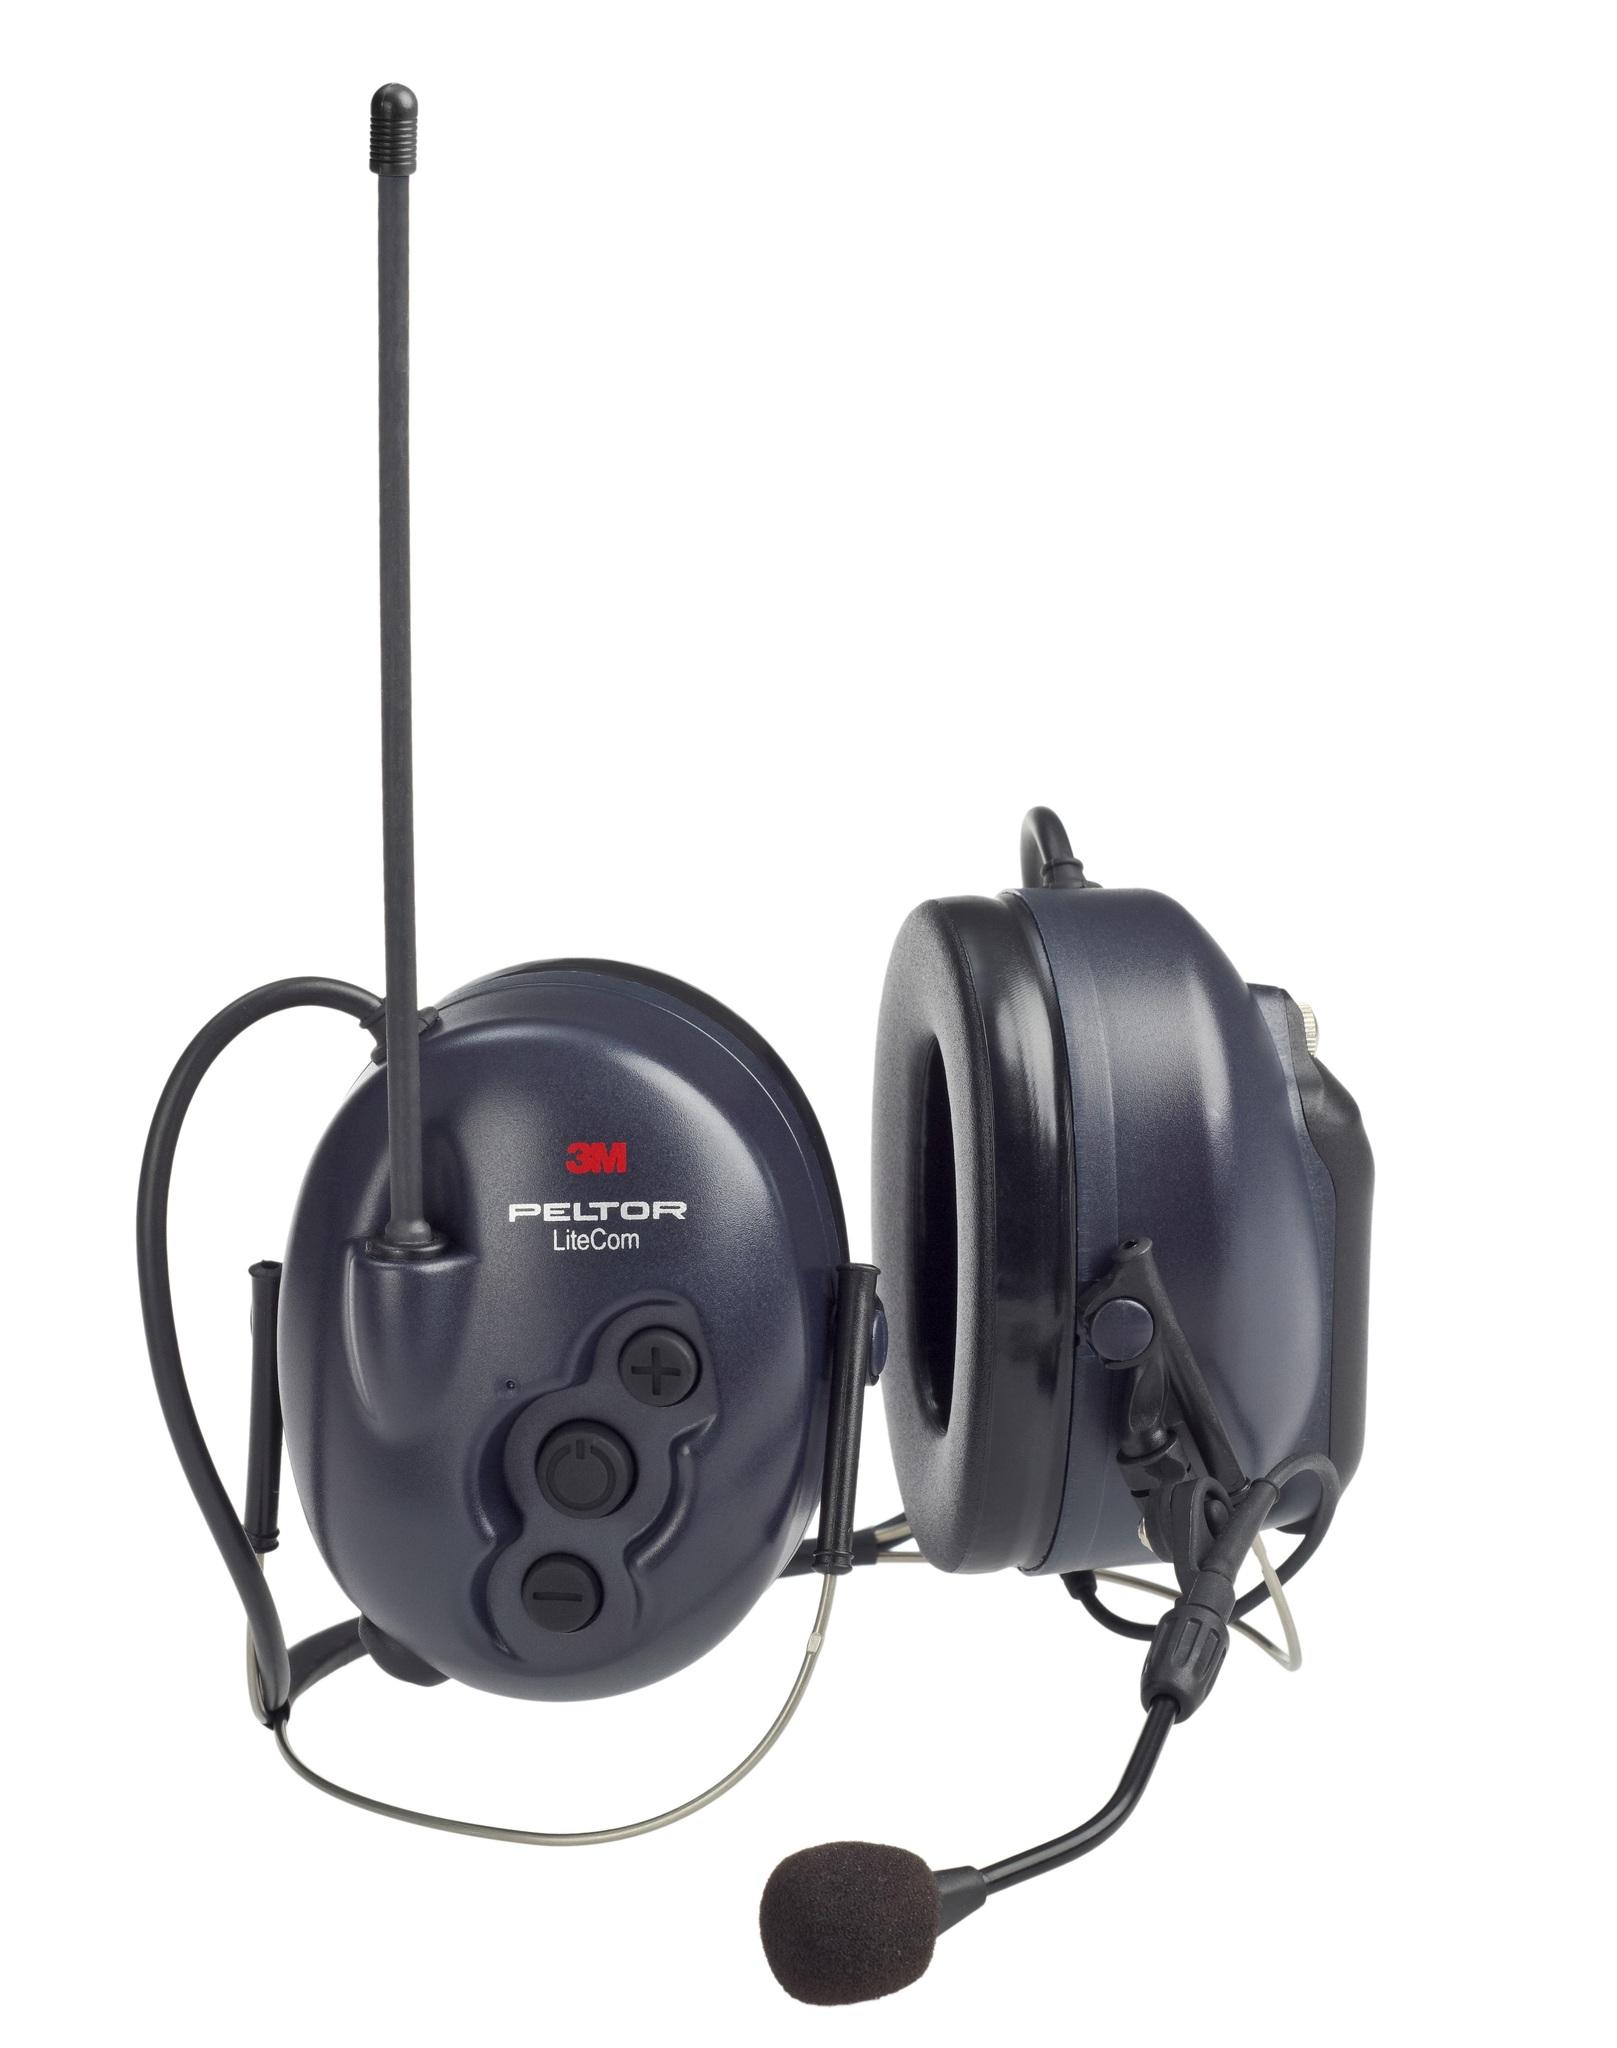 Активные наушники LiteCom, микрофон на жёсткой штанге, затылочное оголовье, тёмно-синие чашки